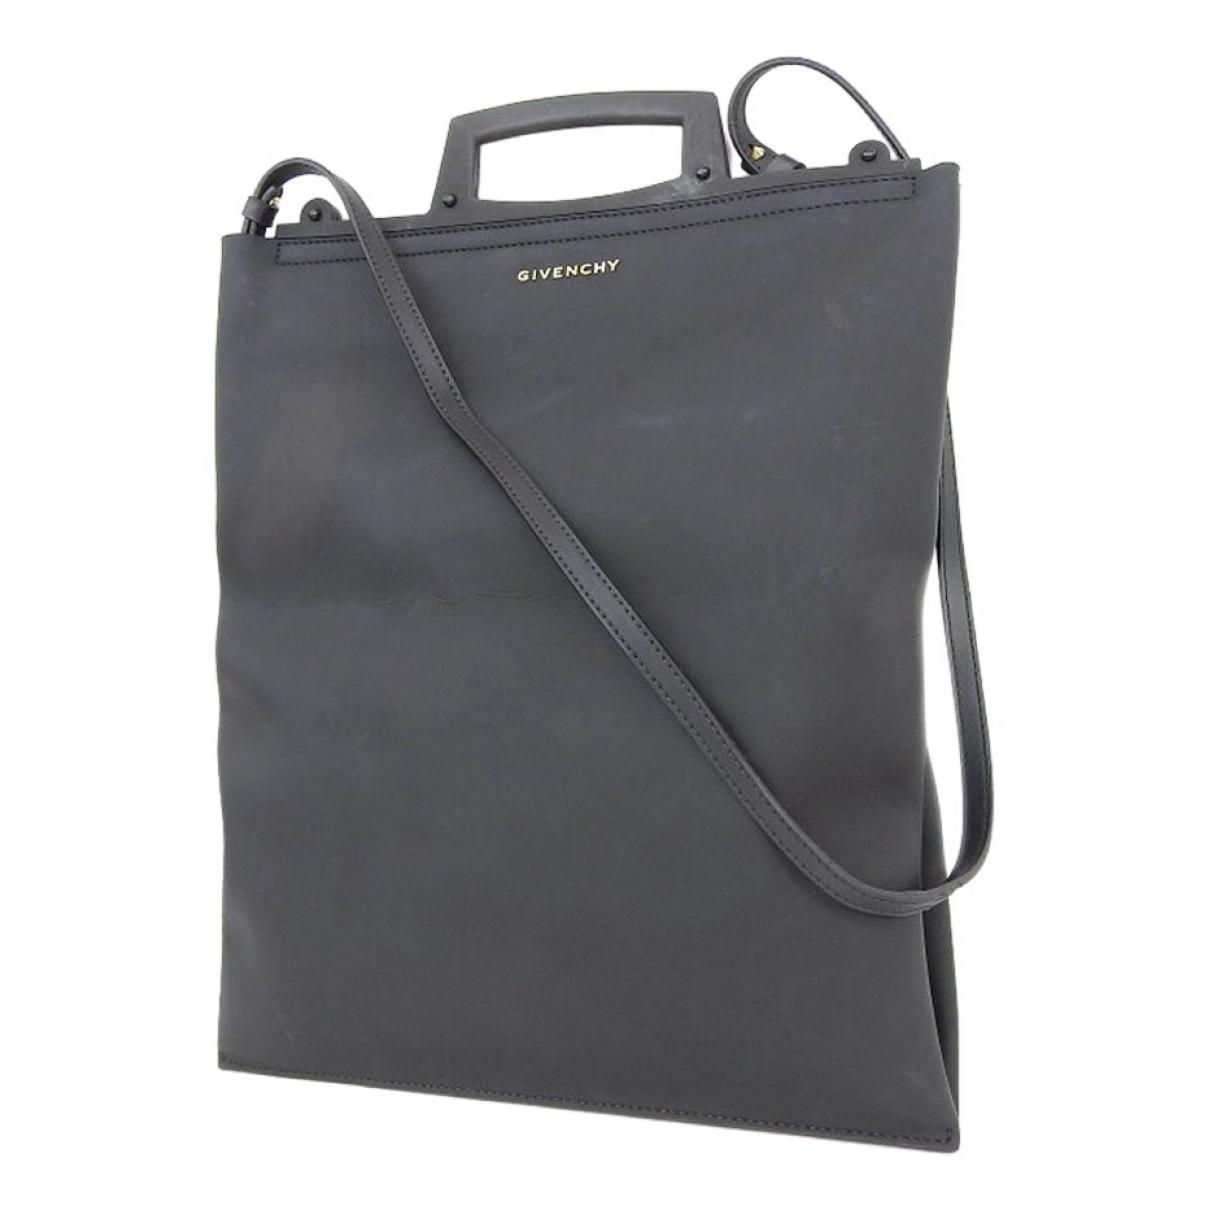 Givenchy - Sac a main   pour femme - noir